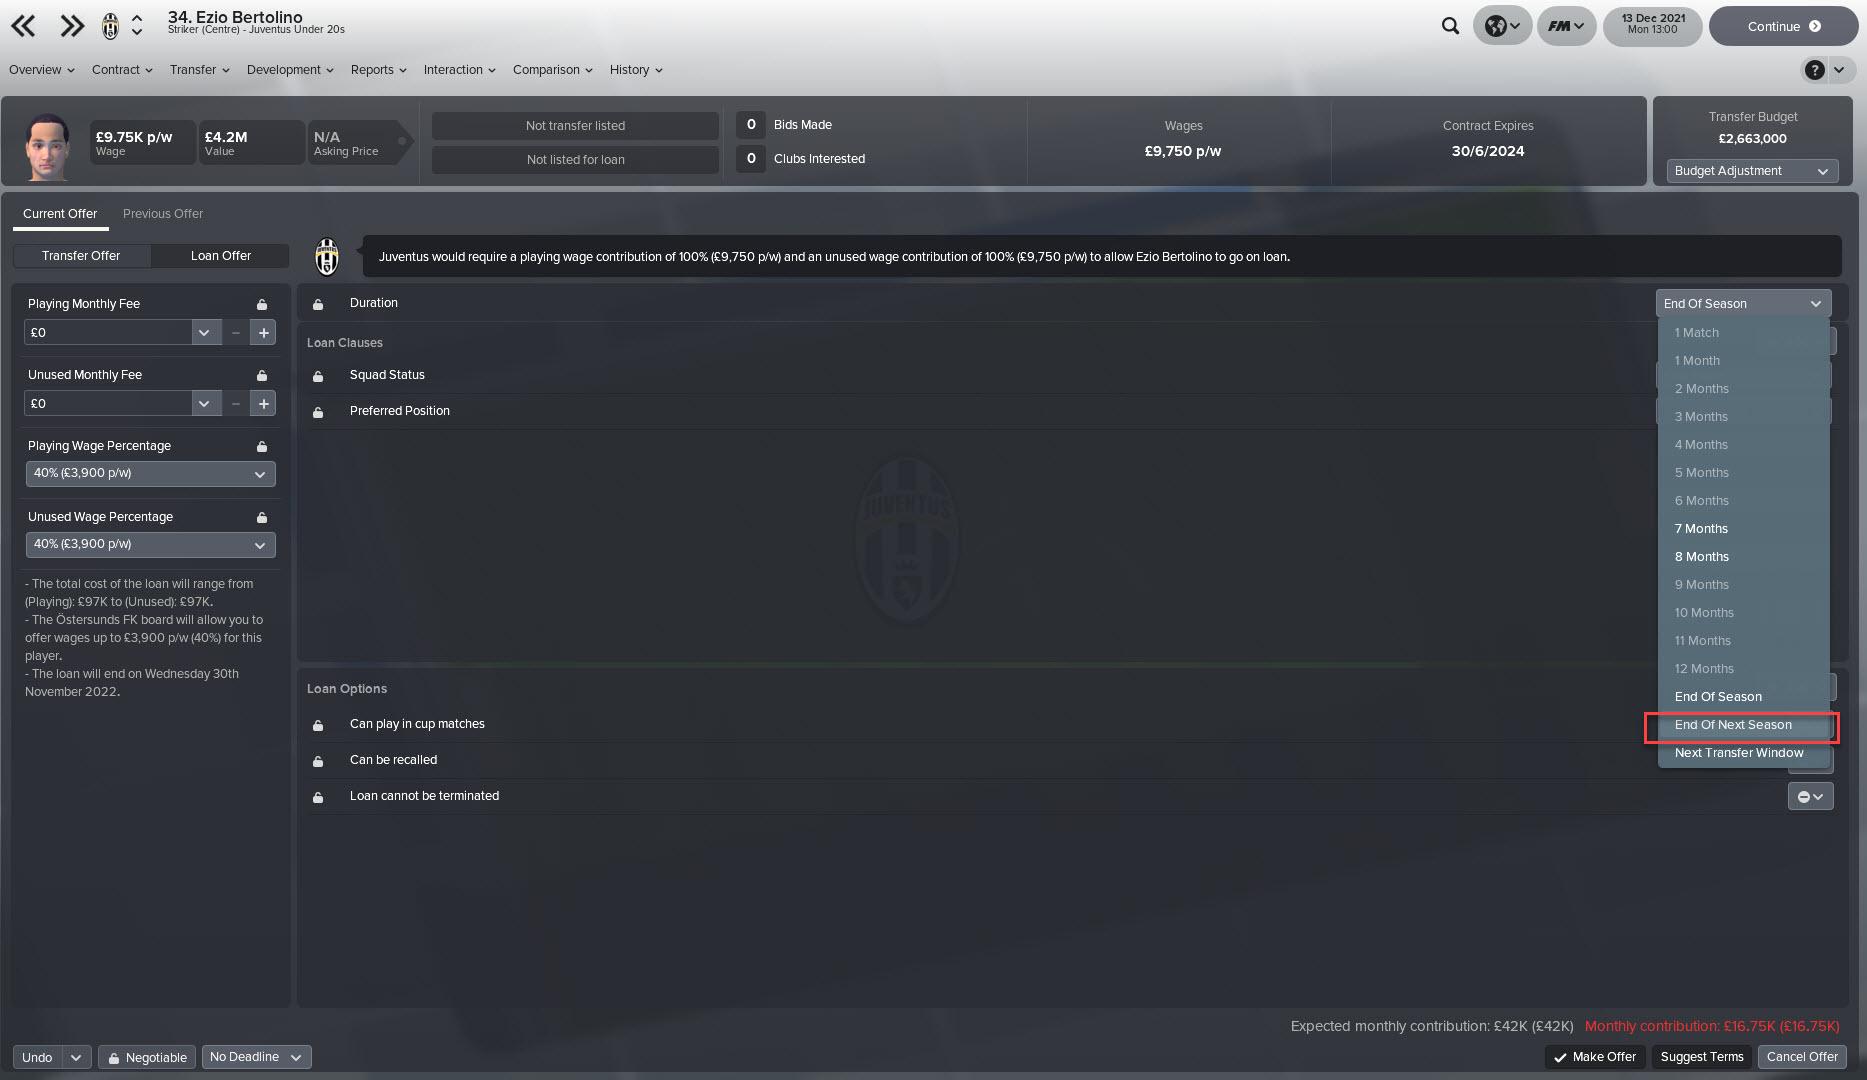 End of Next Season Loan